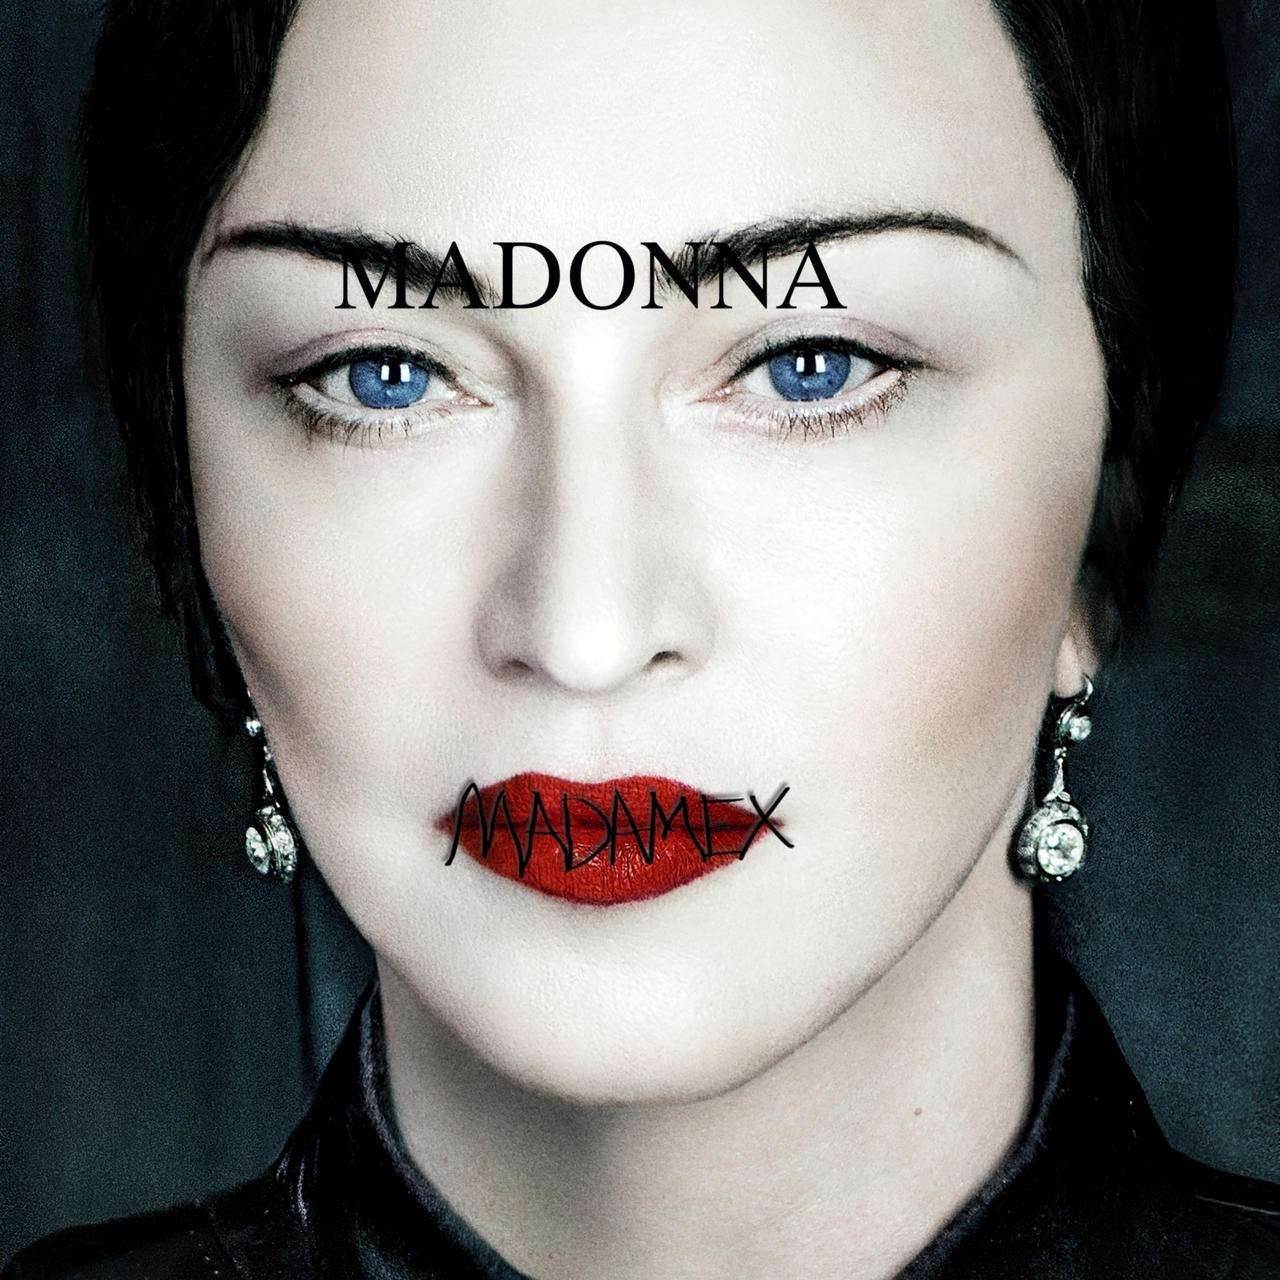 Madonna - Madame X (Album Cover)